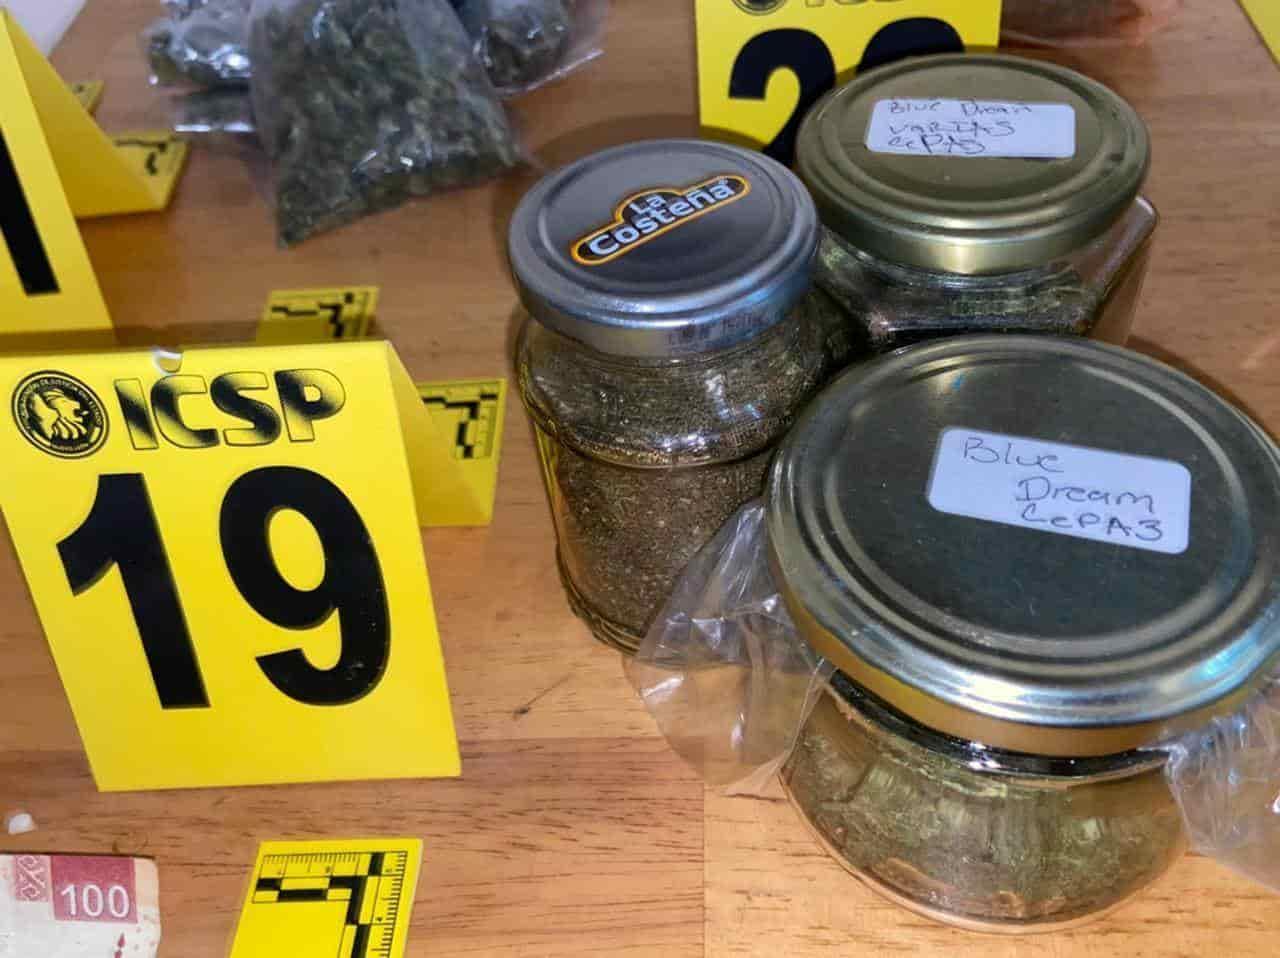 Un plantío de marihuana en macetas, fue asegurado por la AEI tras un cateo